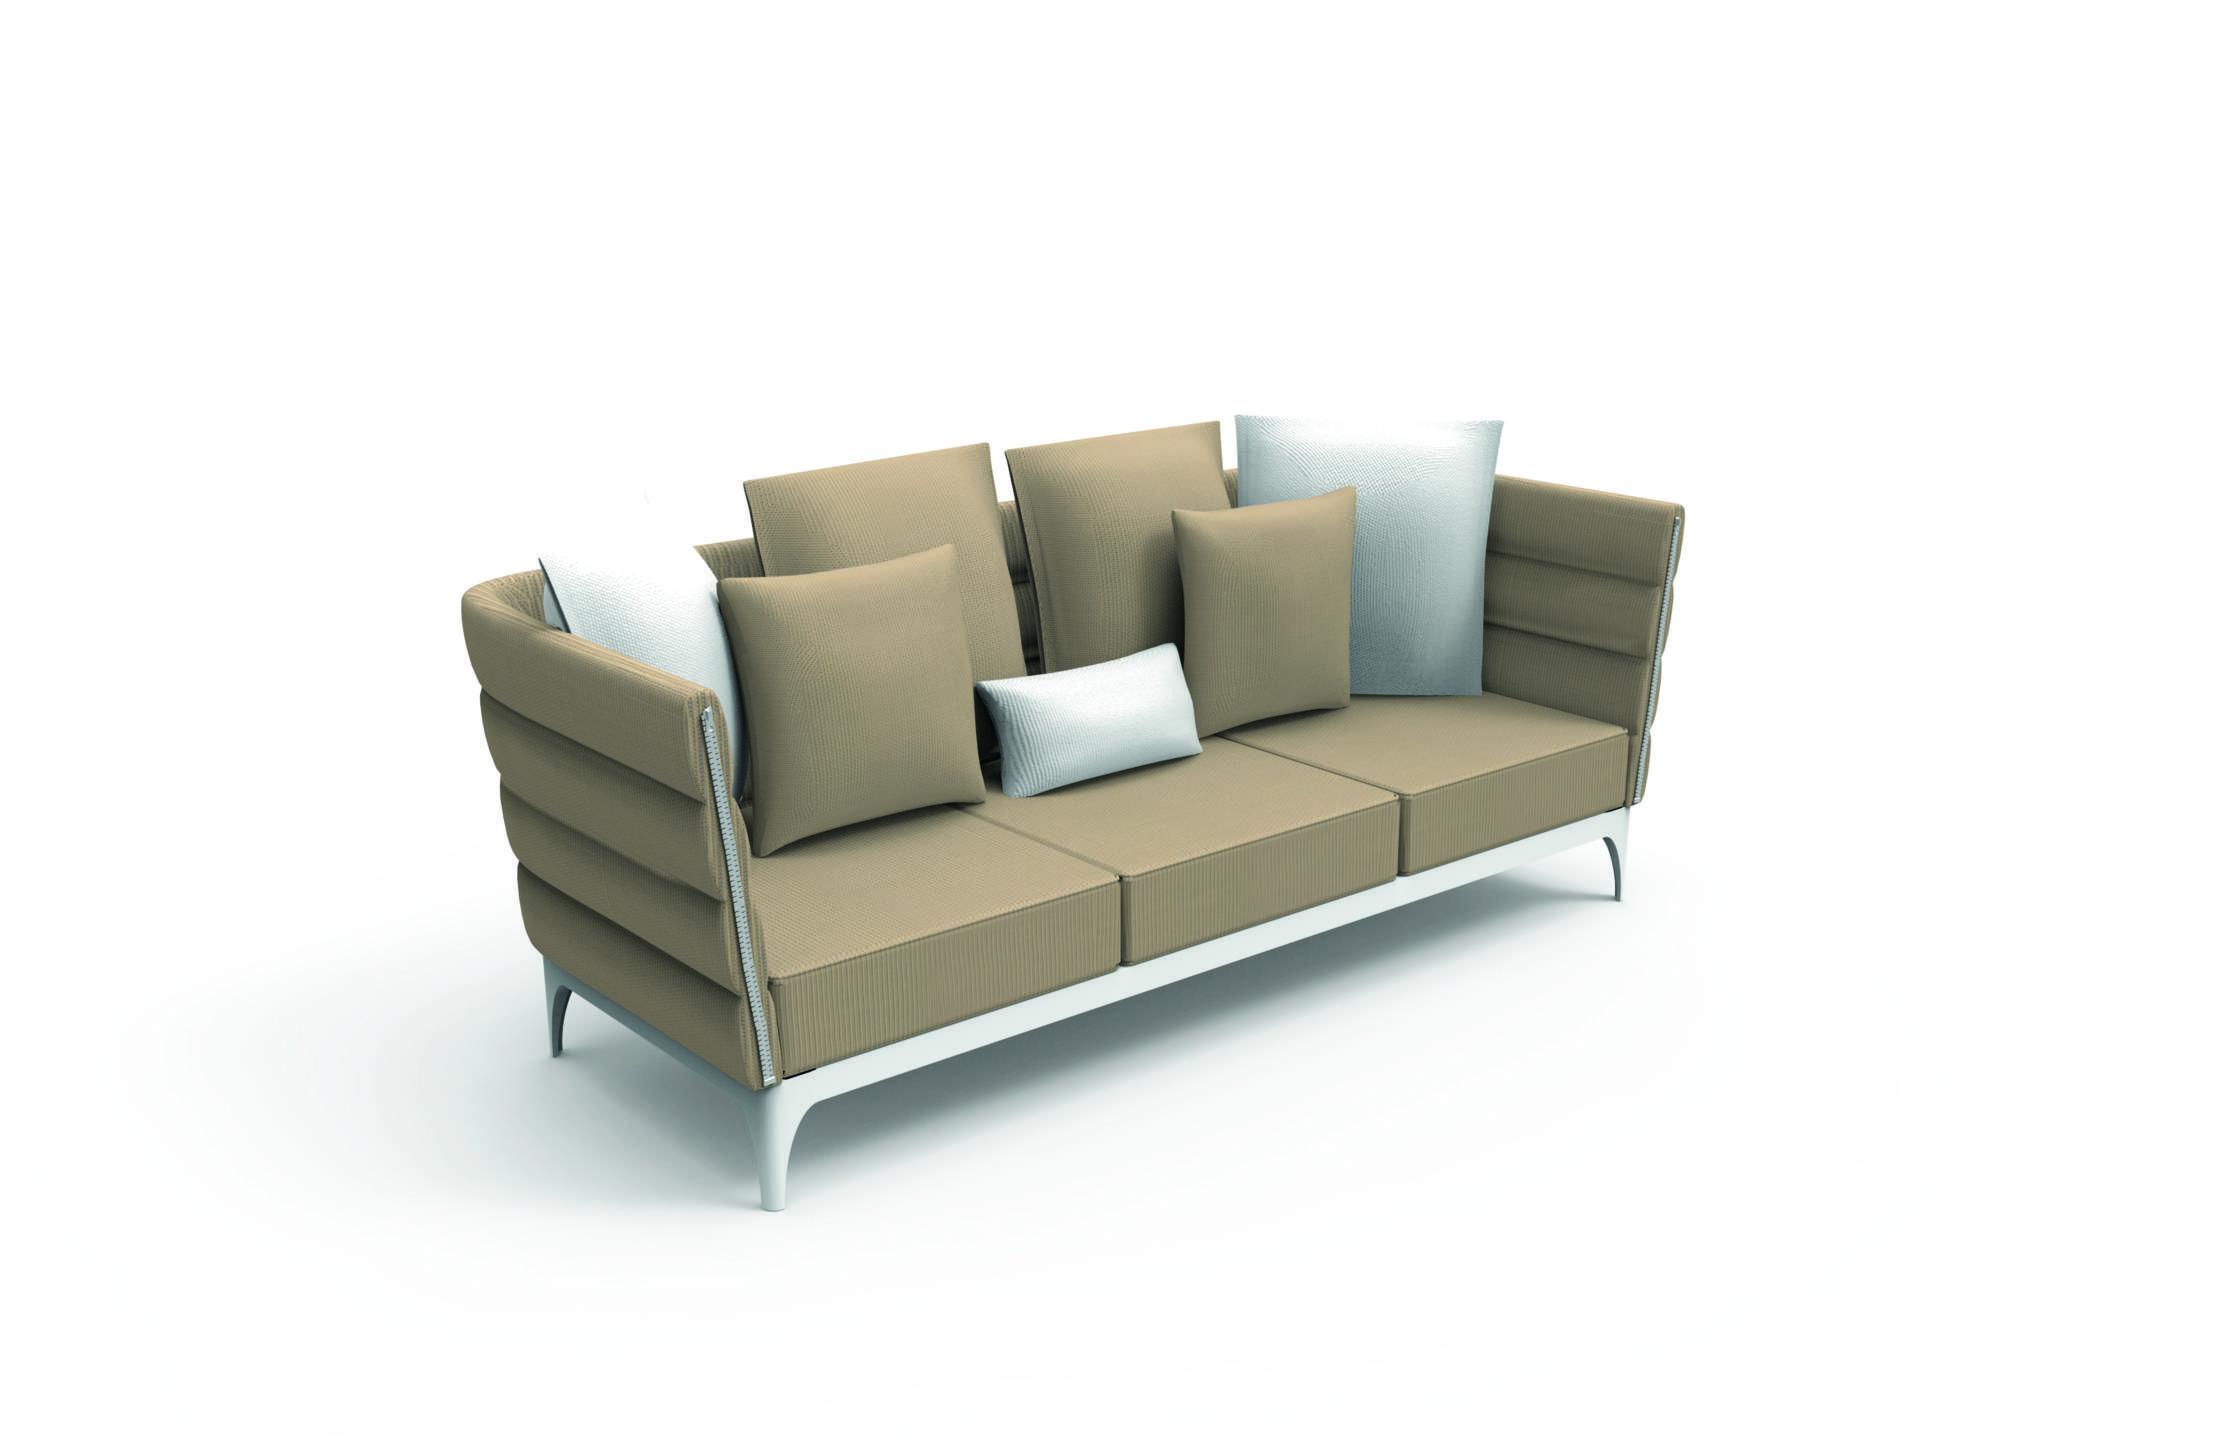 vivereverde divano padcollection divani per esterno